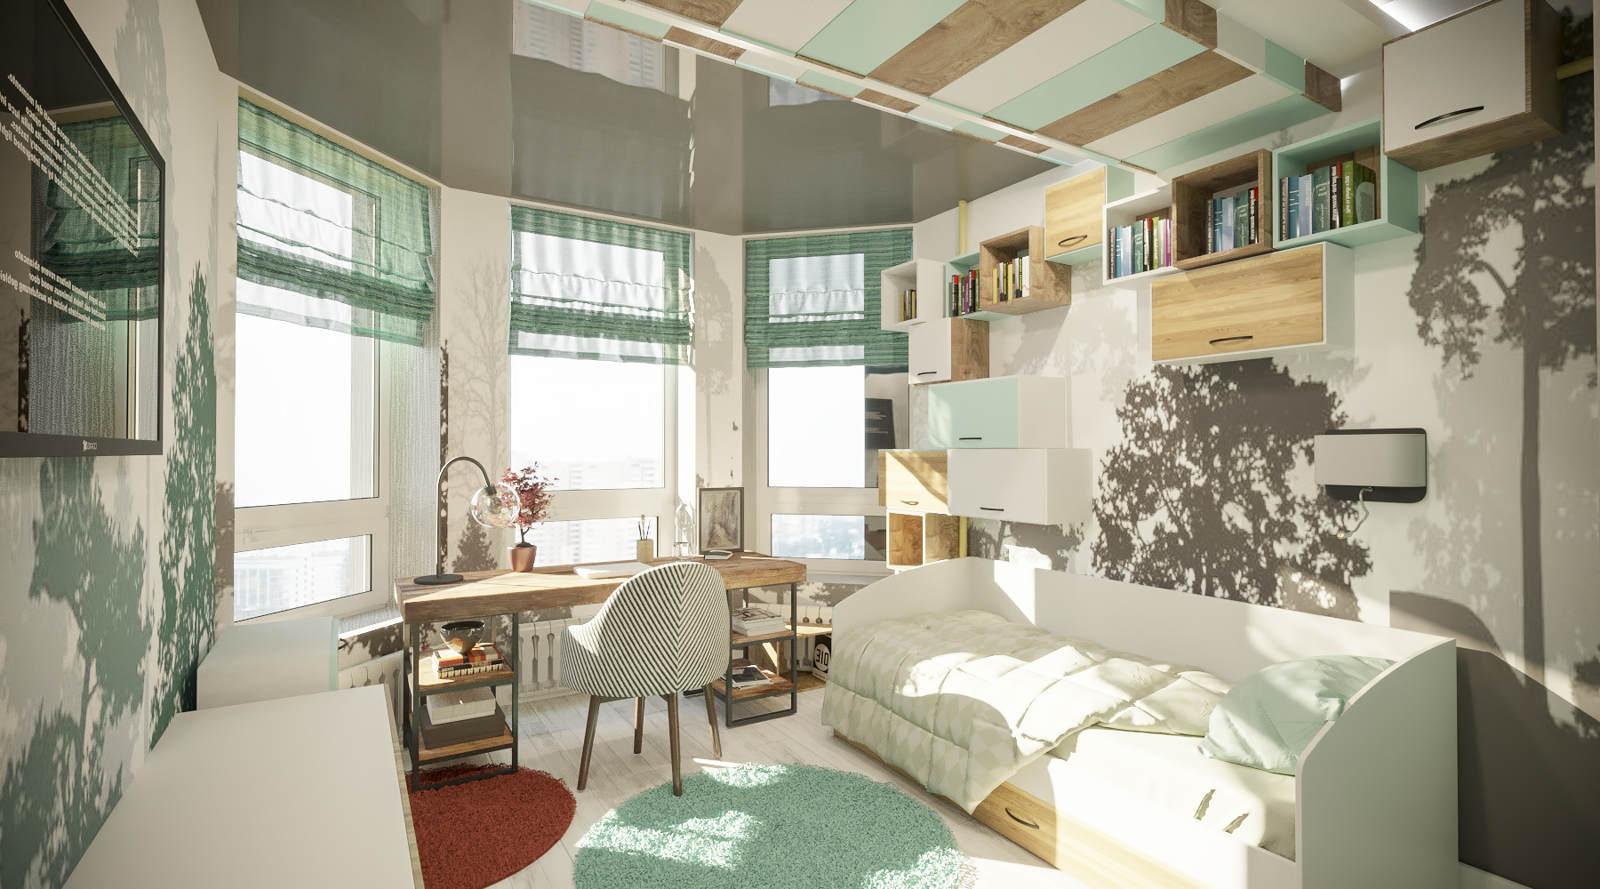 Интерьер детской комнаты спальни идеи эркер, киев, современный стиль цвета